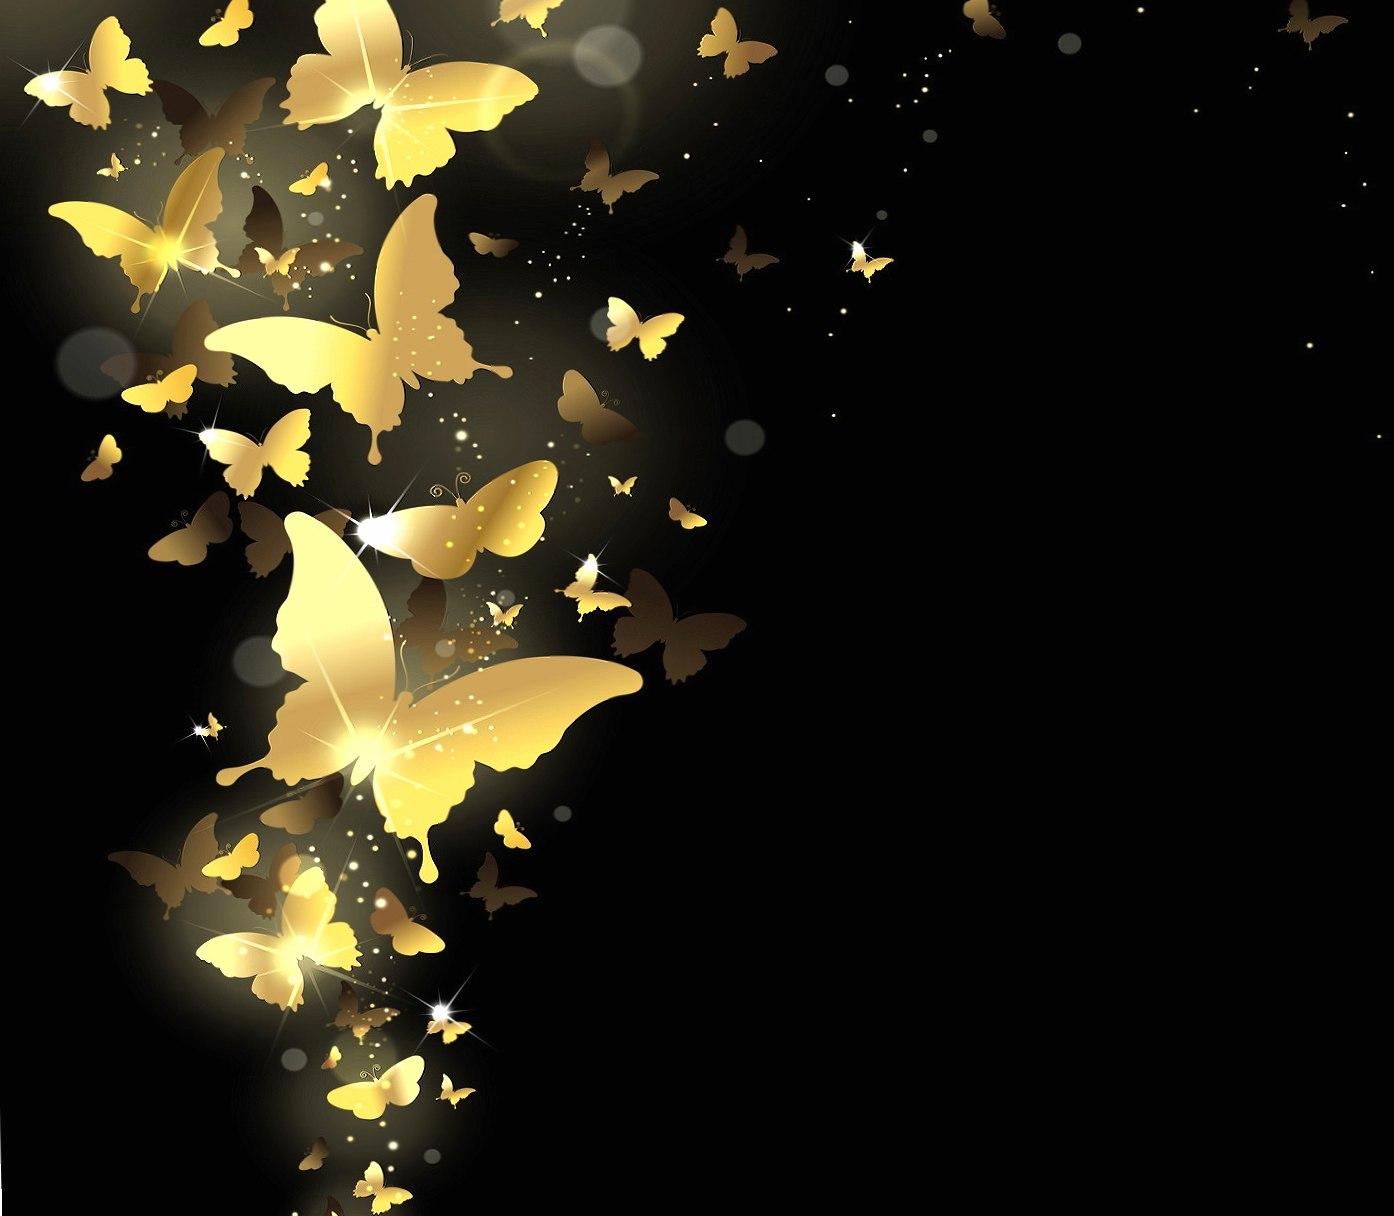 Golden Butterflies wallpapers HD quality